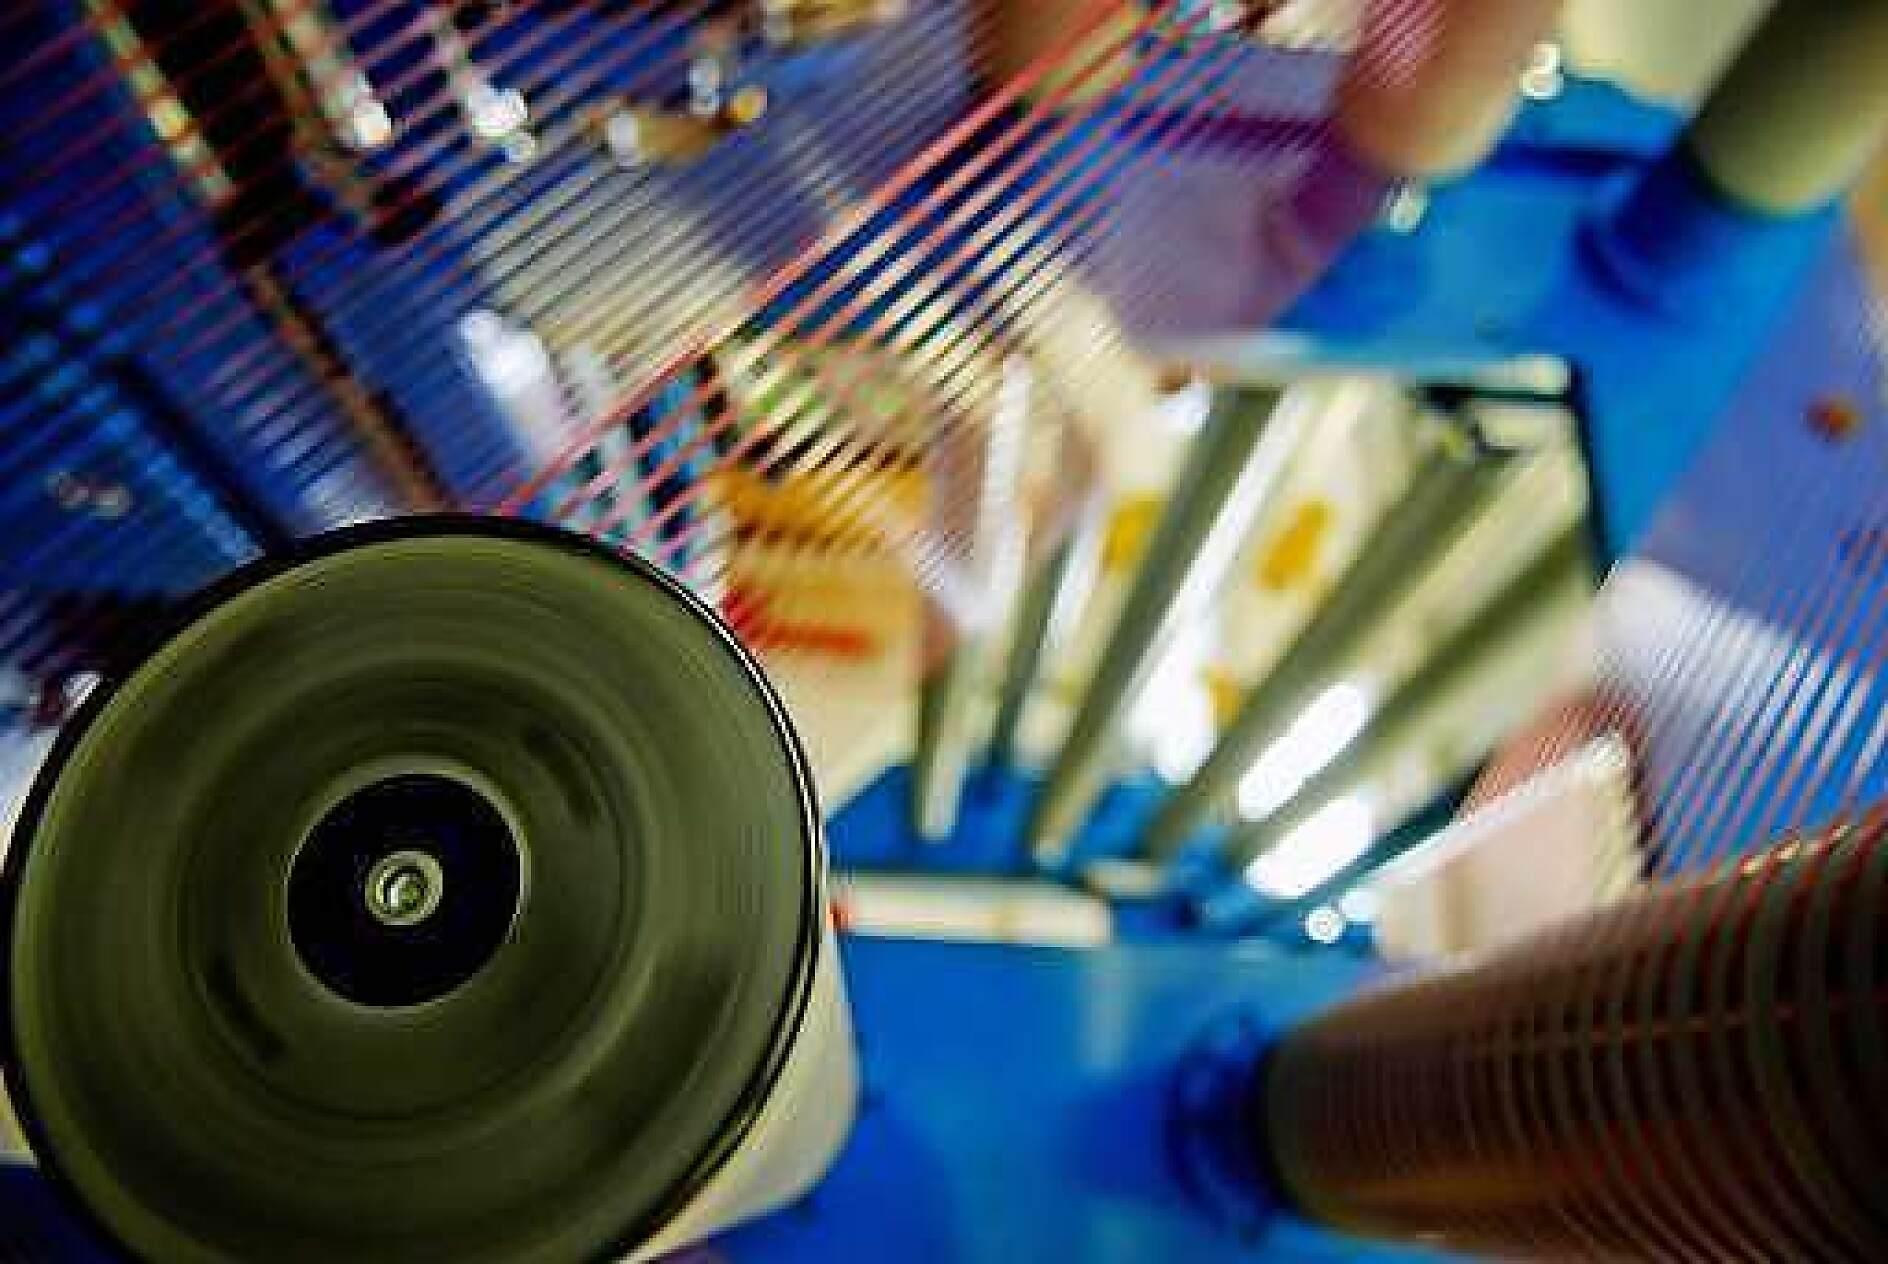 Tesa Deutschland tesa manufacturer of adhesive for industry craftsmen and